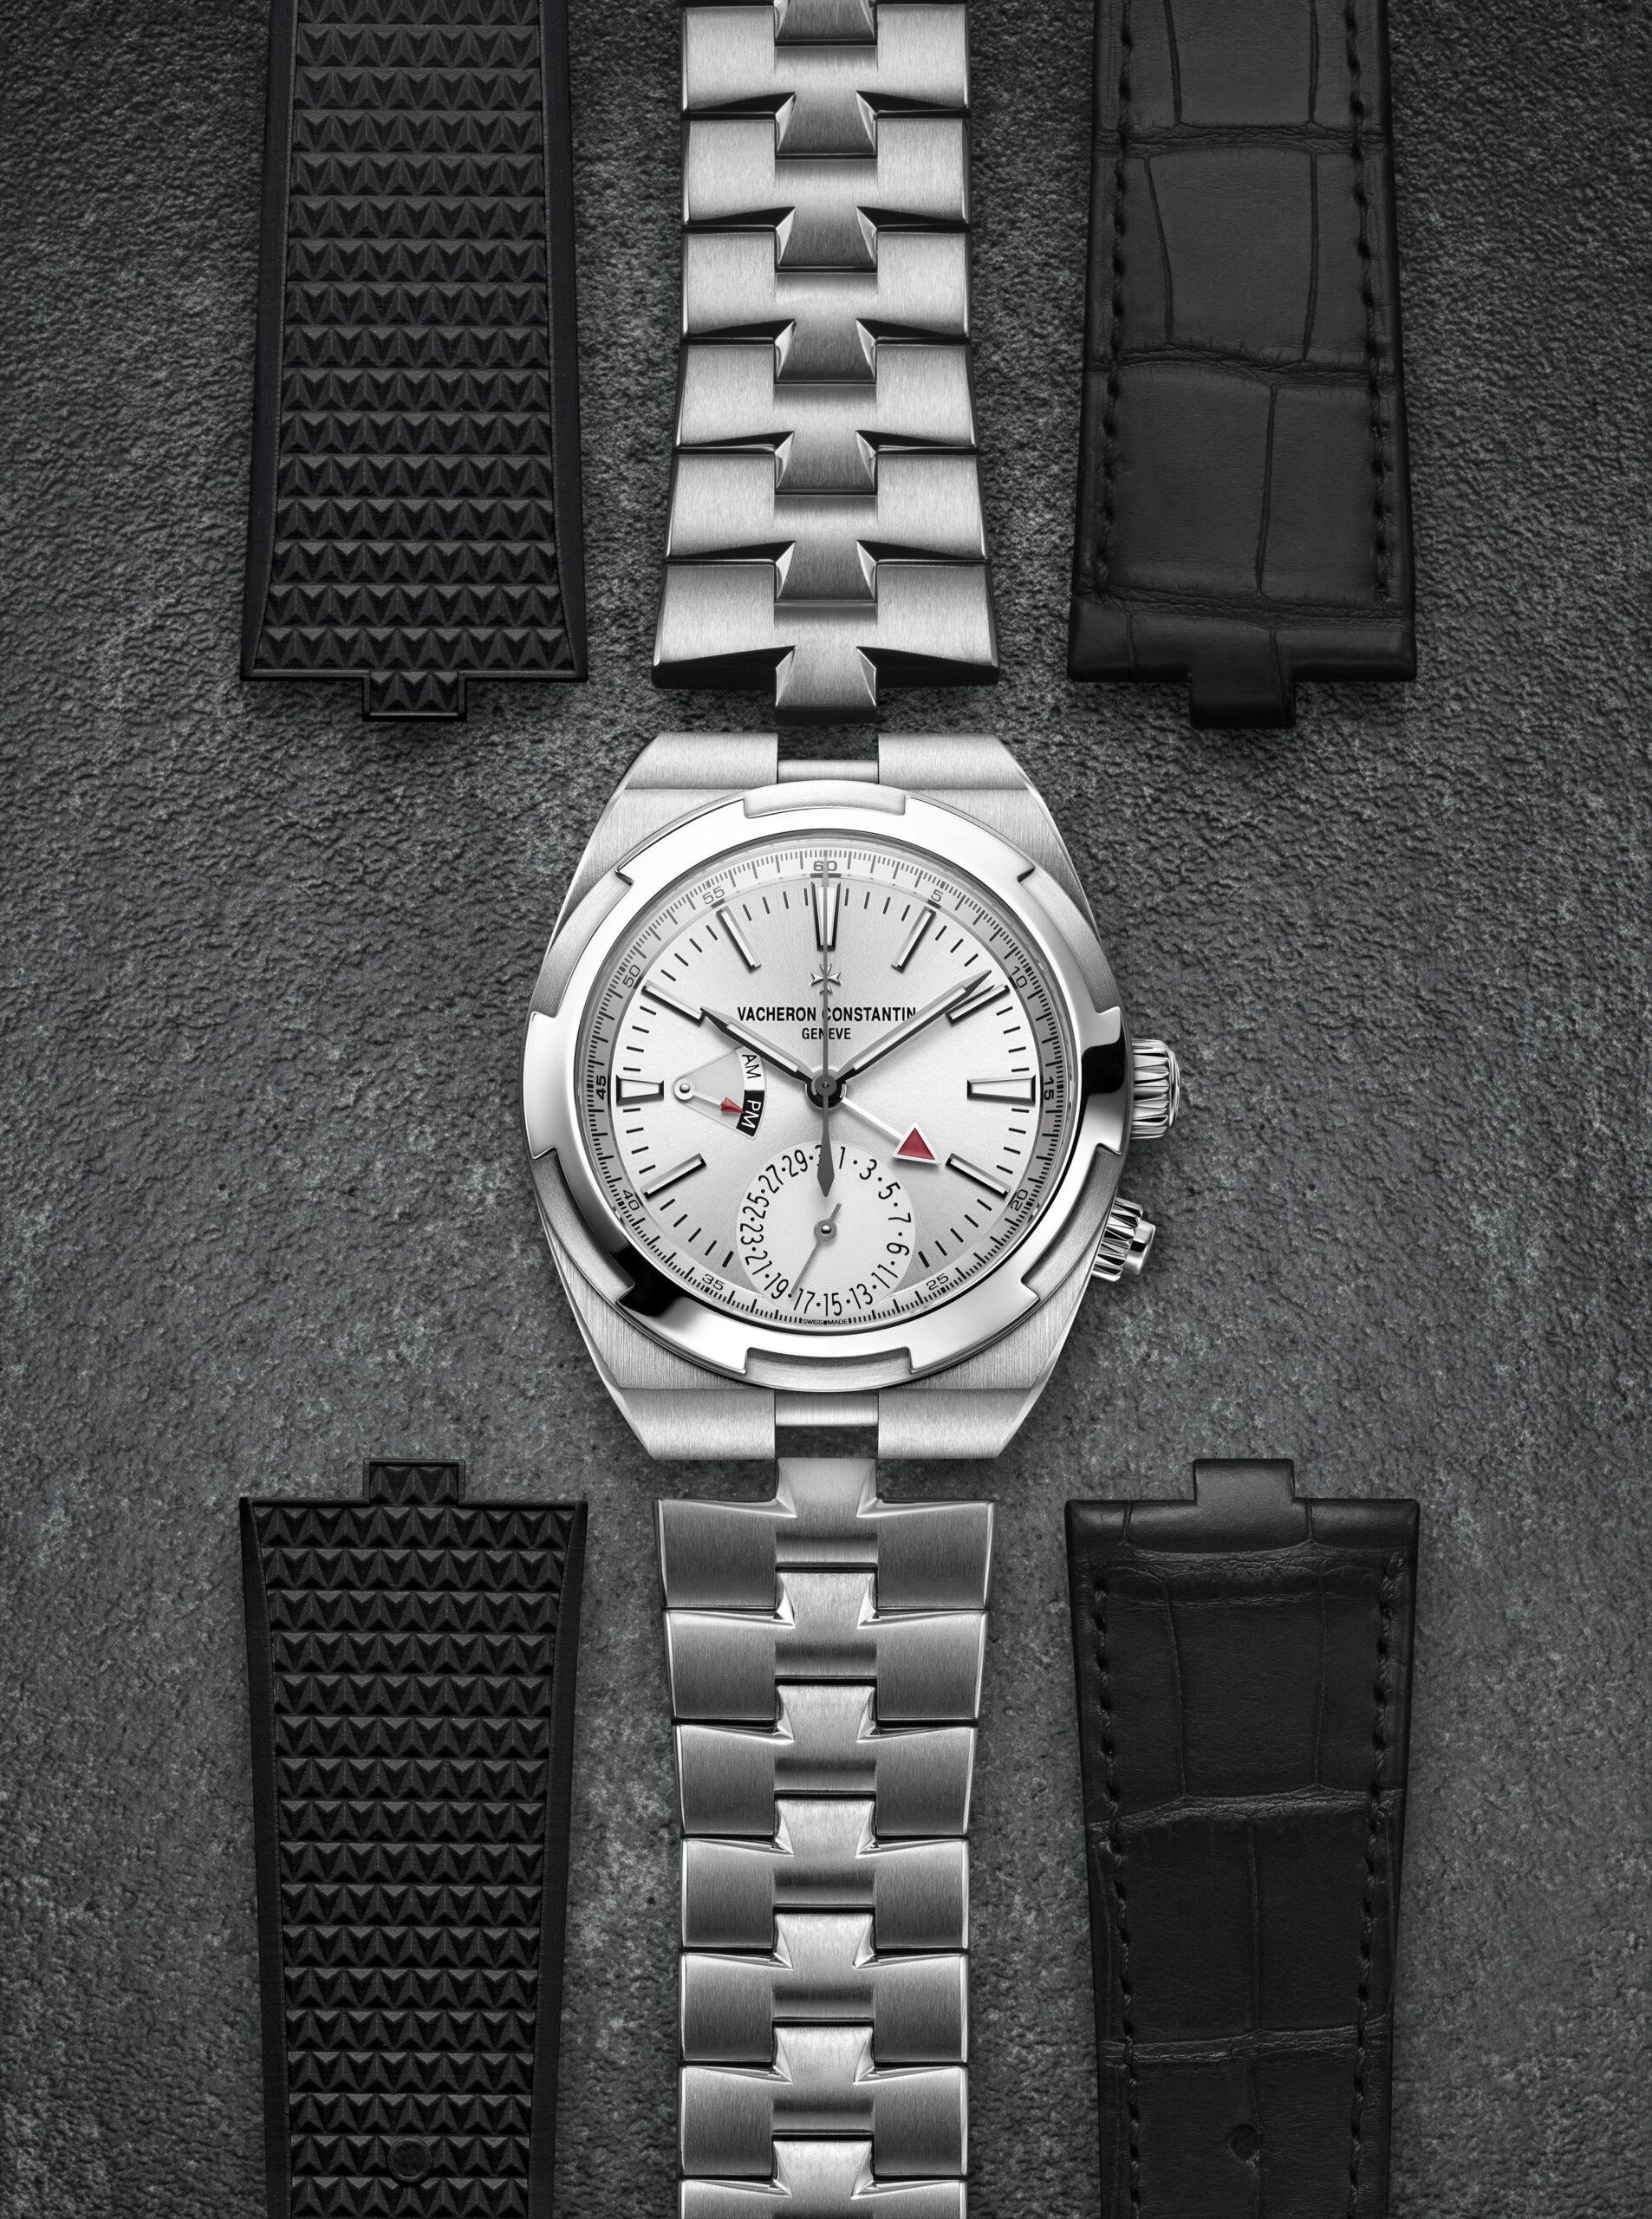 Vacheron Constantin Overseas interchangeable bracelet/straps